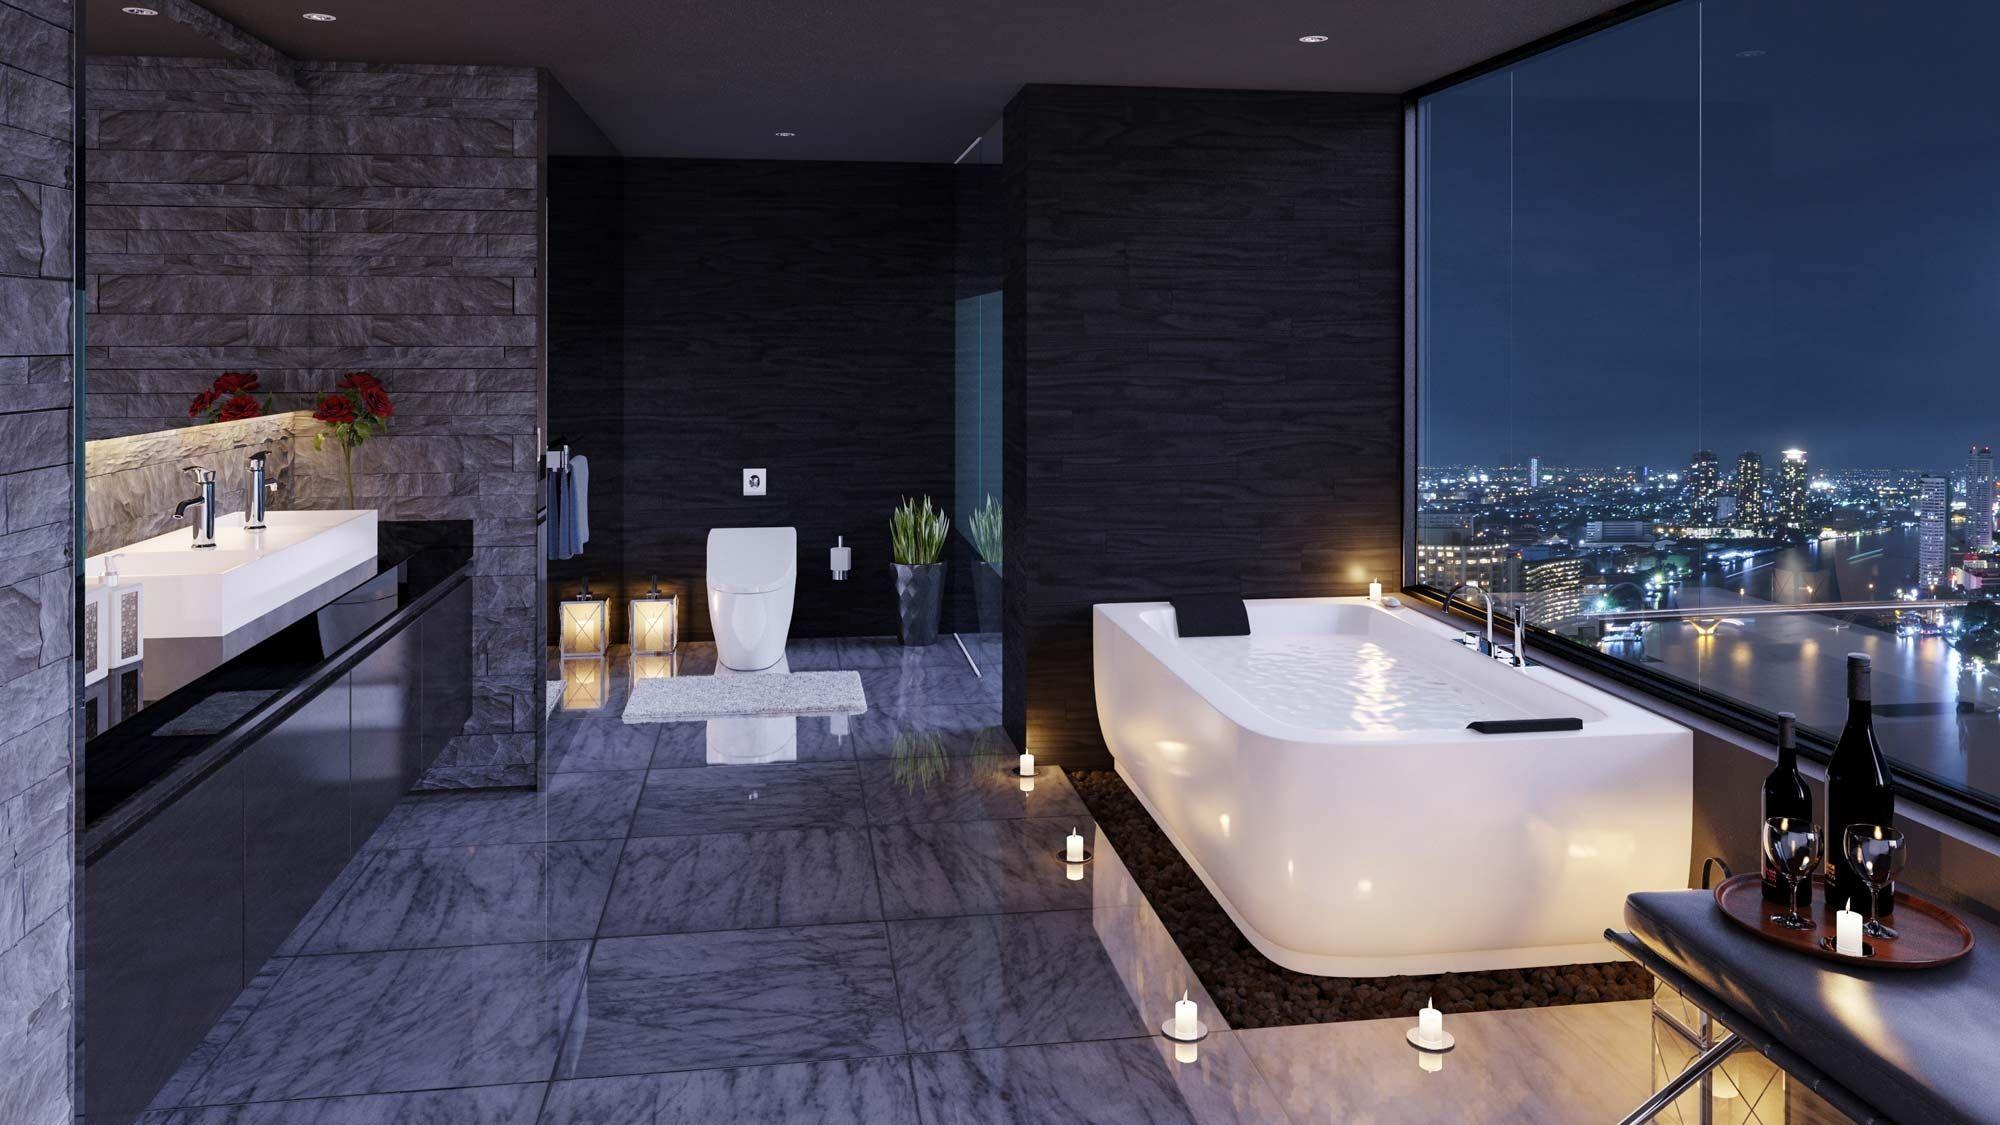 Ultra Luxury Bathroom Inspiration Modern Luxury Bathroom Bathroom Design Luxury Luxury Bathroom Master Baths